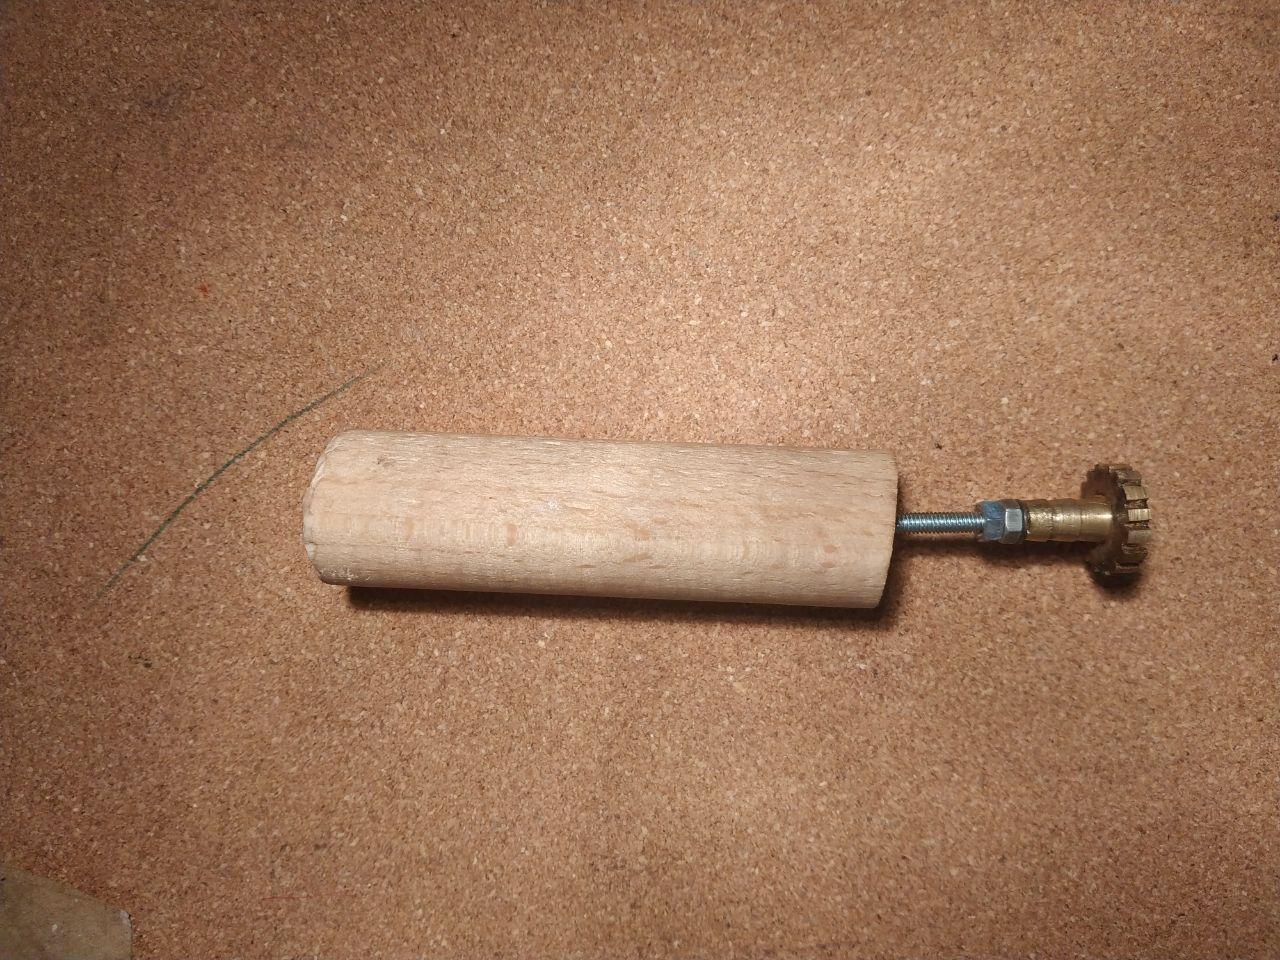 Как я изготовил респиратор KN95 в домашних условиях из подручных материалов. Подробная инструкция - 8